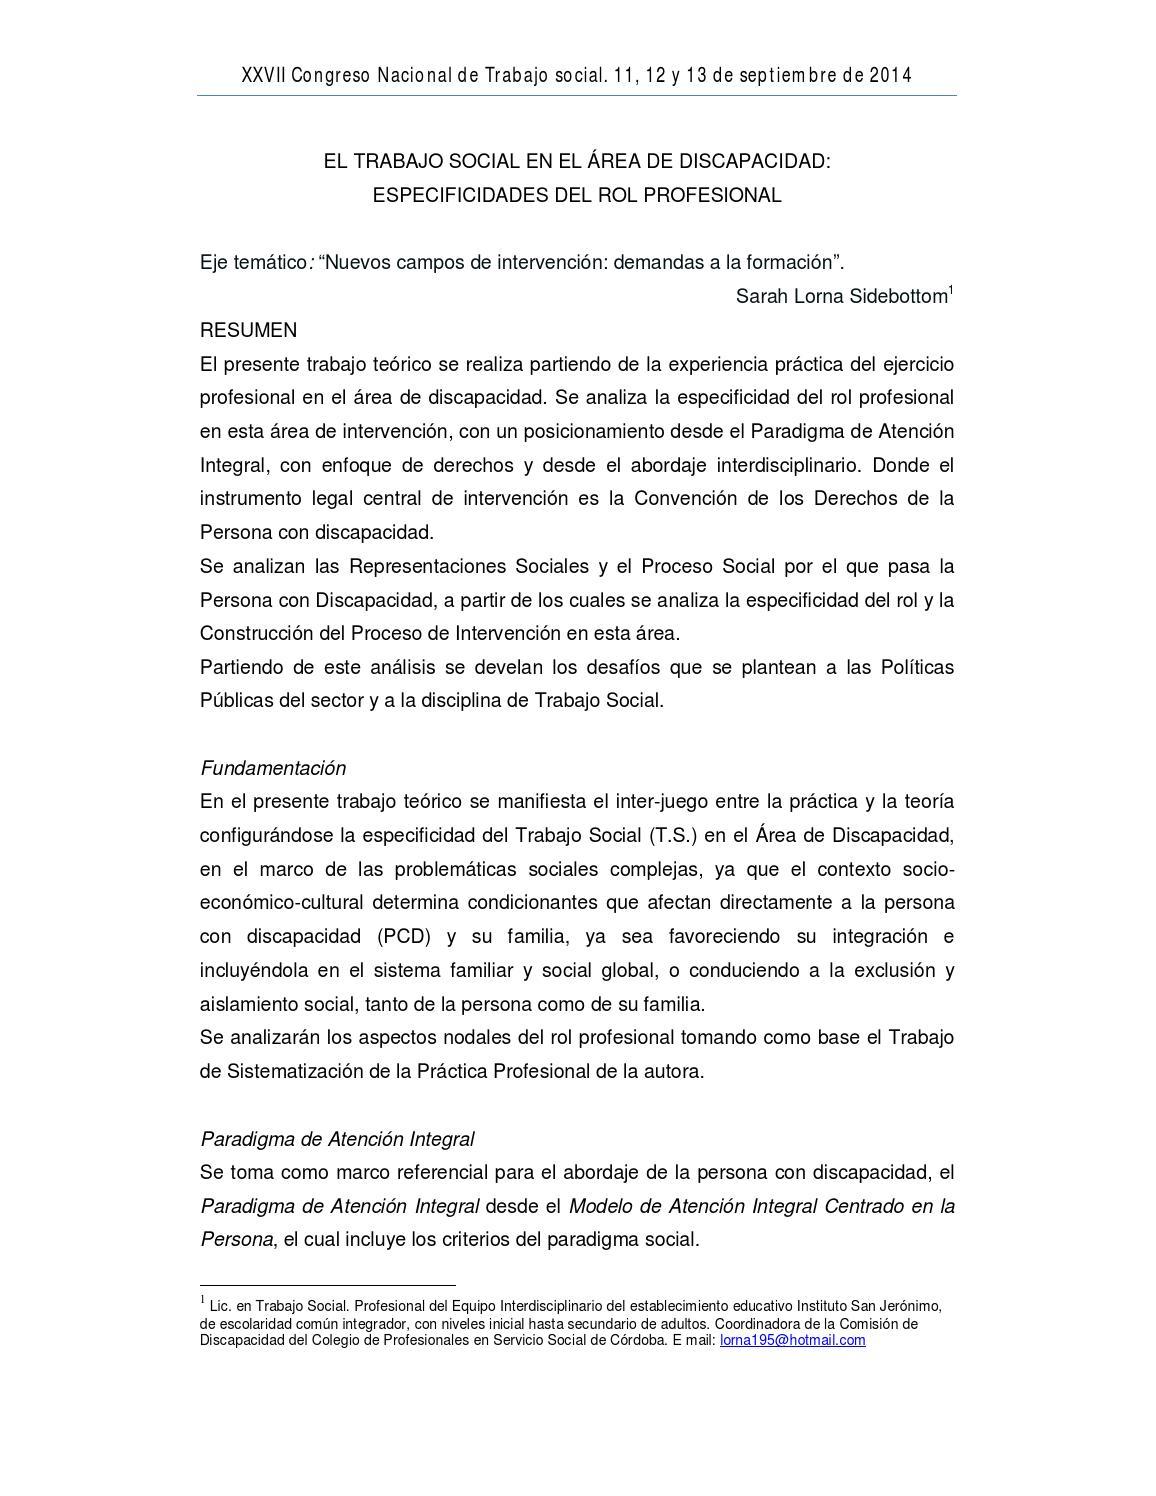 EL TRABAJO SOCIAL EN EL ÁREA DE DISCAPACIDAD: ESPECIFICIDADES DEL ...